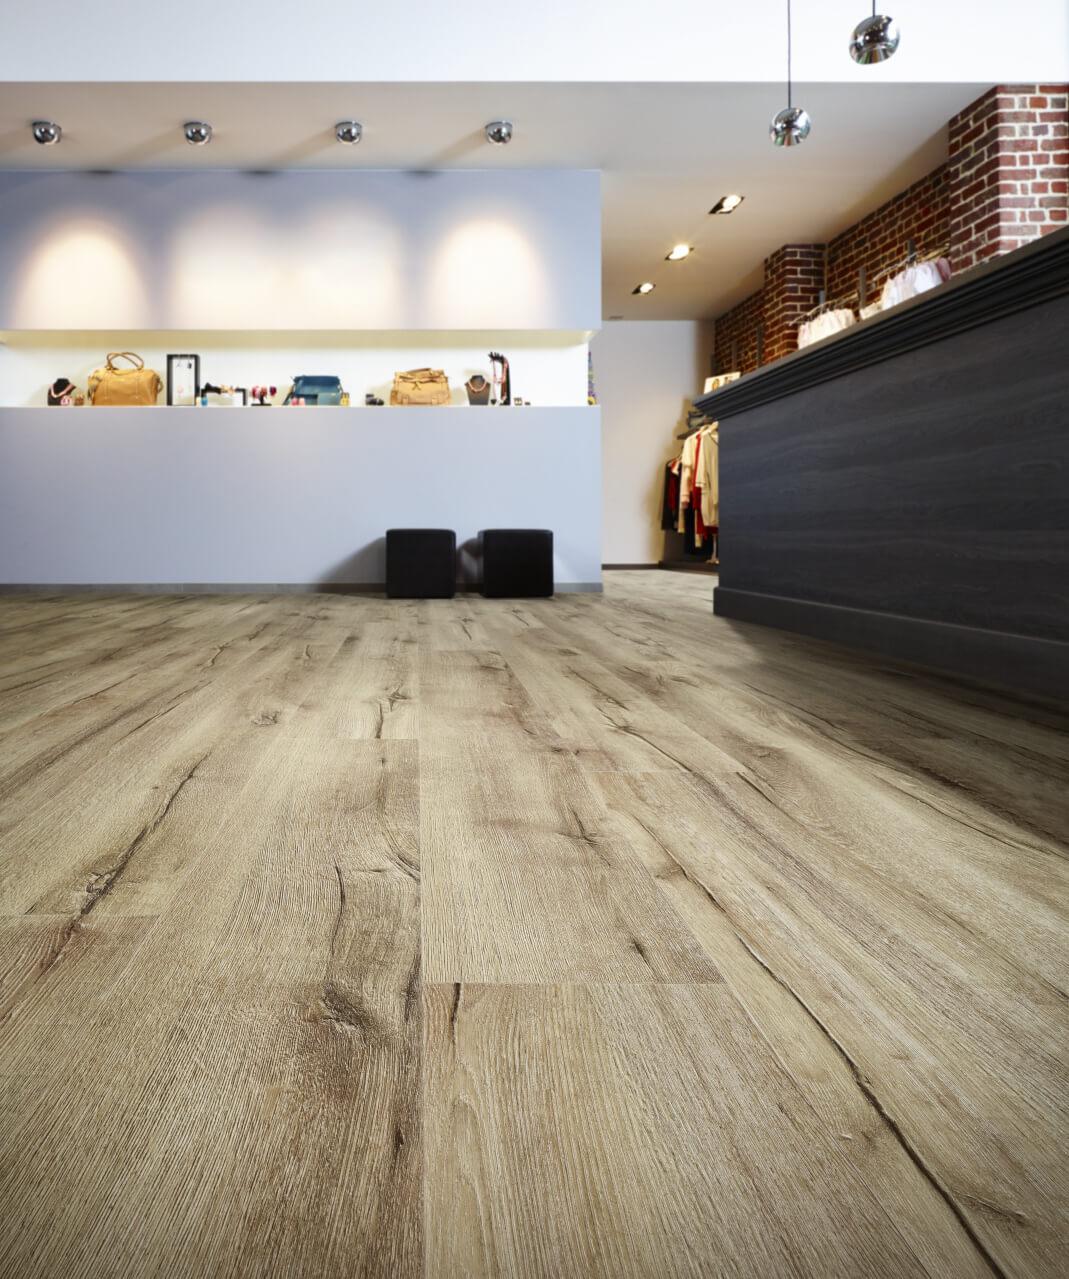 Deze vloer heeft de looks van een houten vloer, maar is een PVC vloer uit de Impress Collectie van Moduleo, dus met alle gemakken van een pvc vloer! #moduleo #vloer